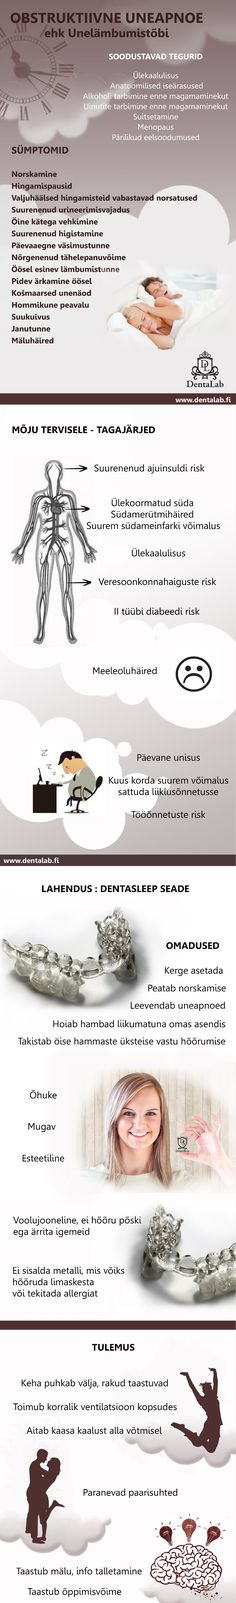 OSA, uneapnoe, uniapnea, sleeping apnea, anti-snoring device, intraoraalne seade, kuorsauskisko, DentaSleep, snoring, norskamine, kuorsaus